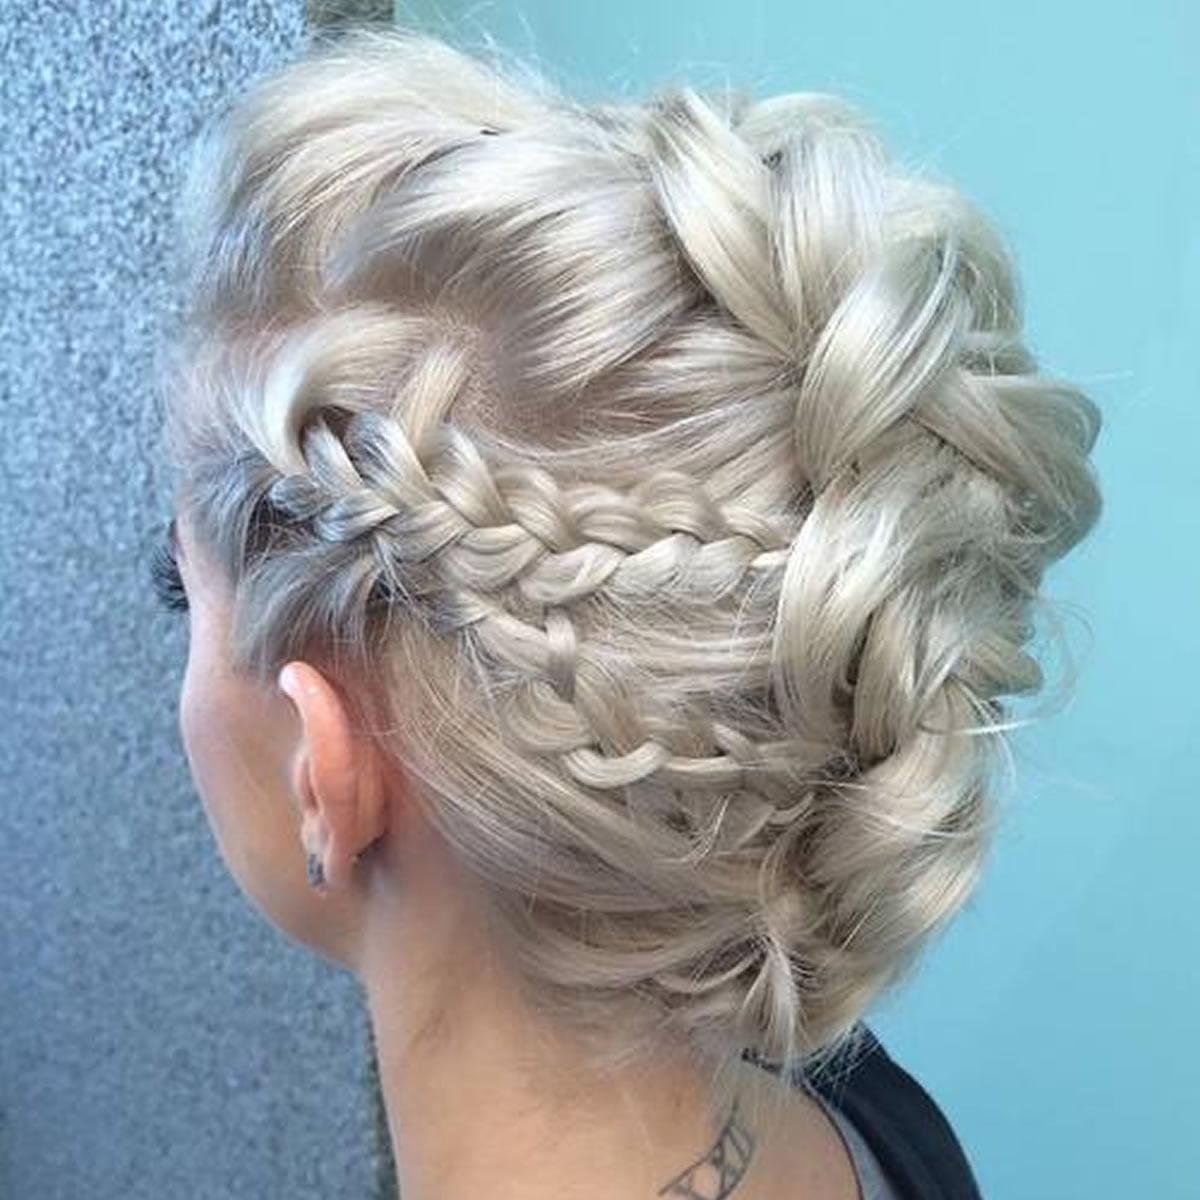 Platinum Blonde Braided Mohawk Updo Hairstyles